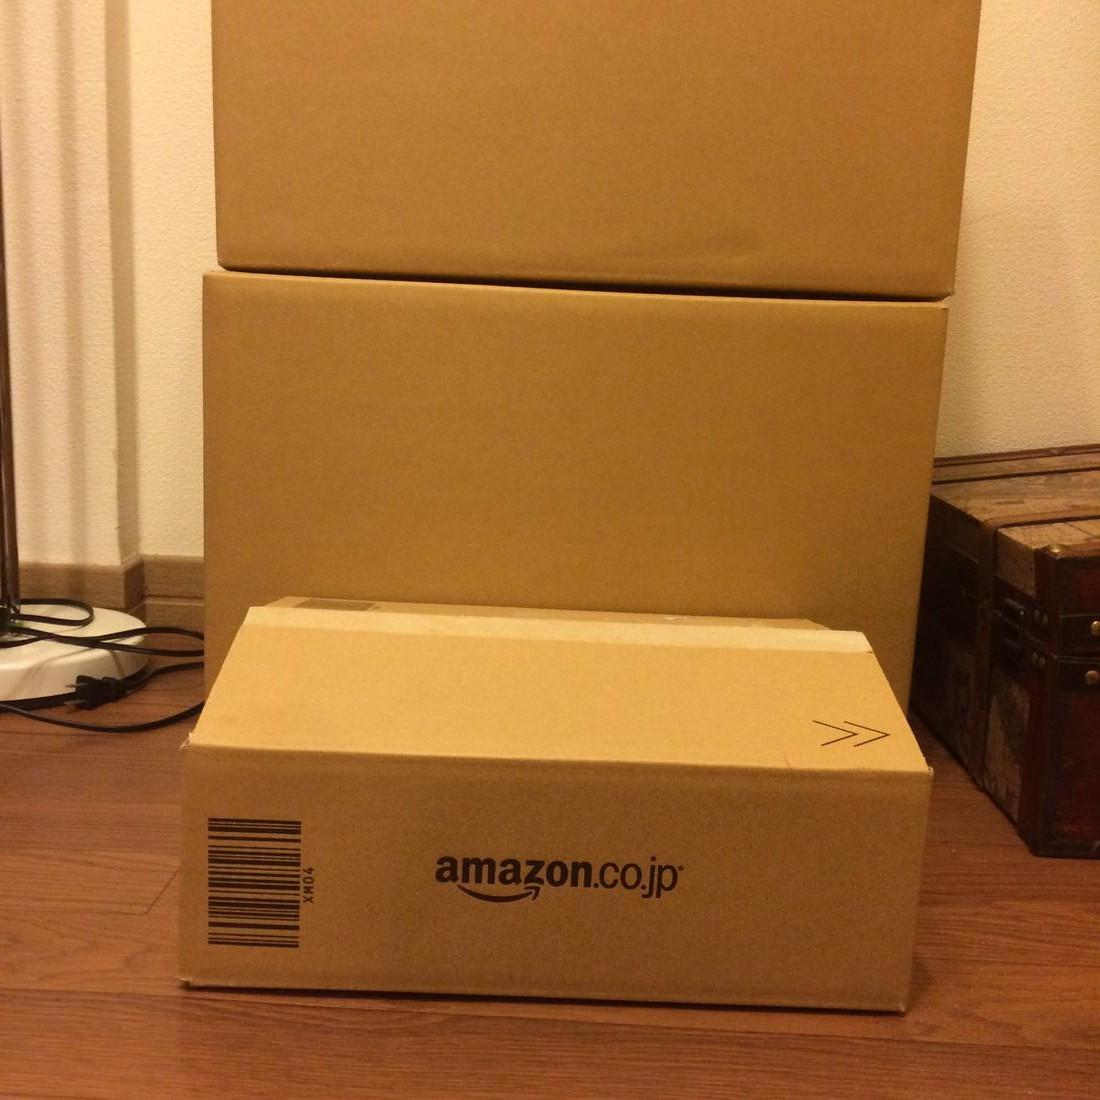 ダンボール-Amazonと比較